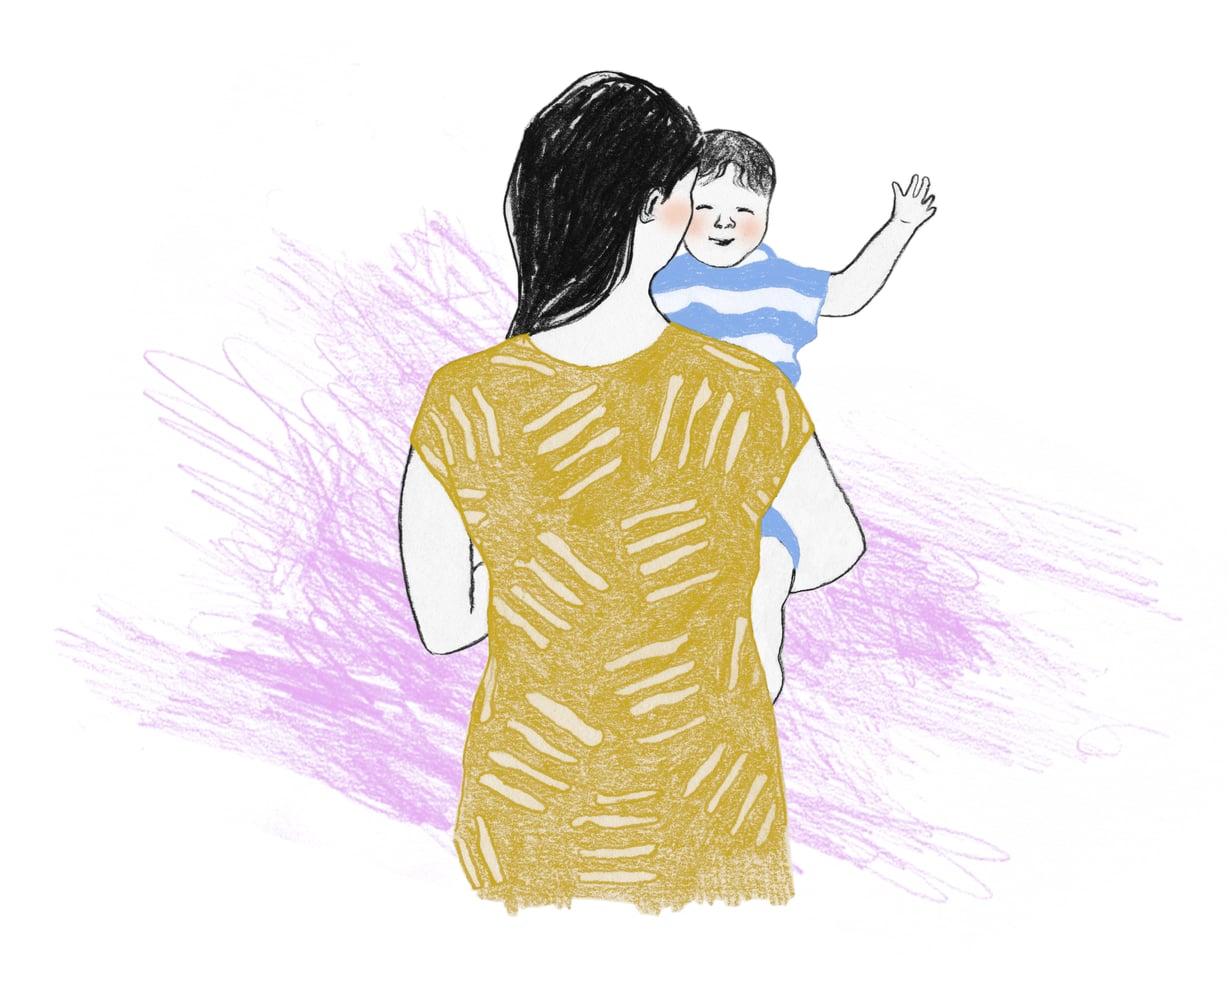 Vauvan saatuaan saa myös tilaisuuden ymmärtää omaa lapsuuttaan uudella tavalla. Toisaalta rajat omiin ja puolison vanhempiin saattaa joutua piirtämään uudelleen.